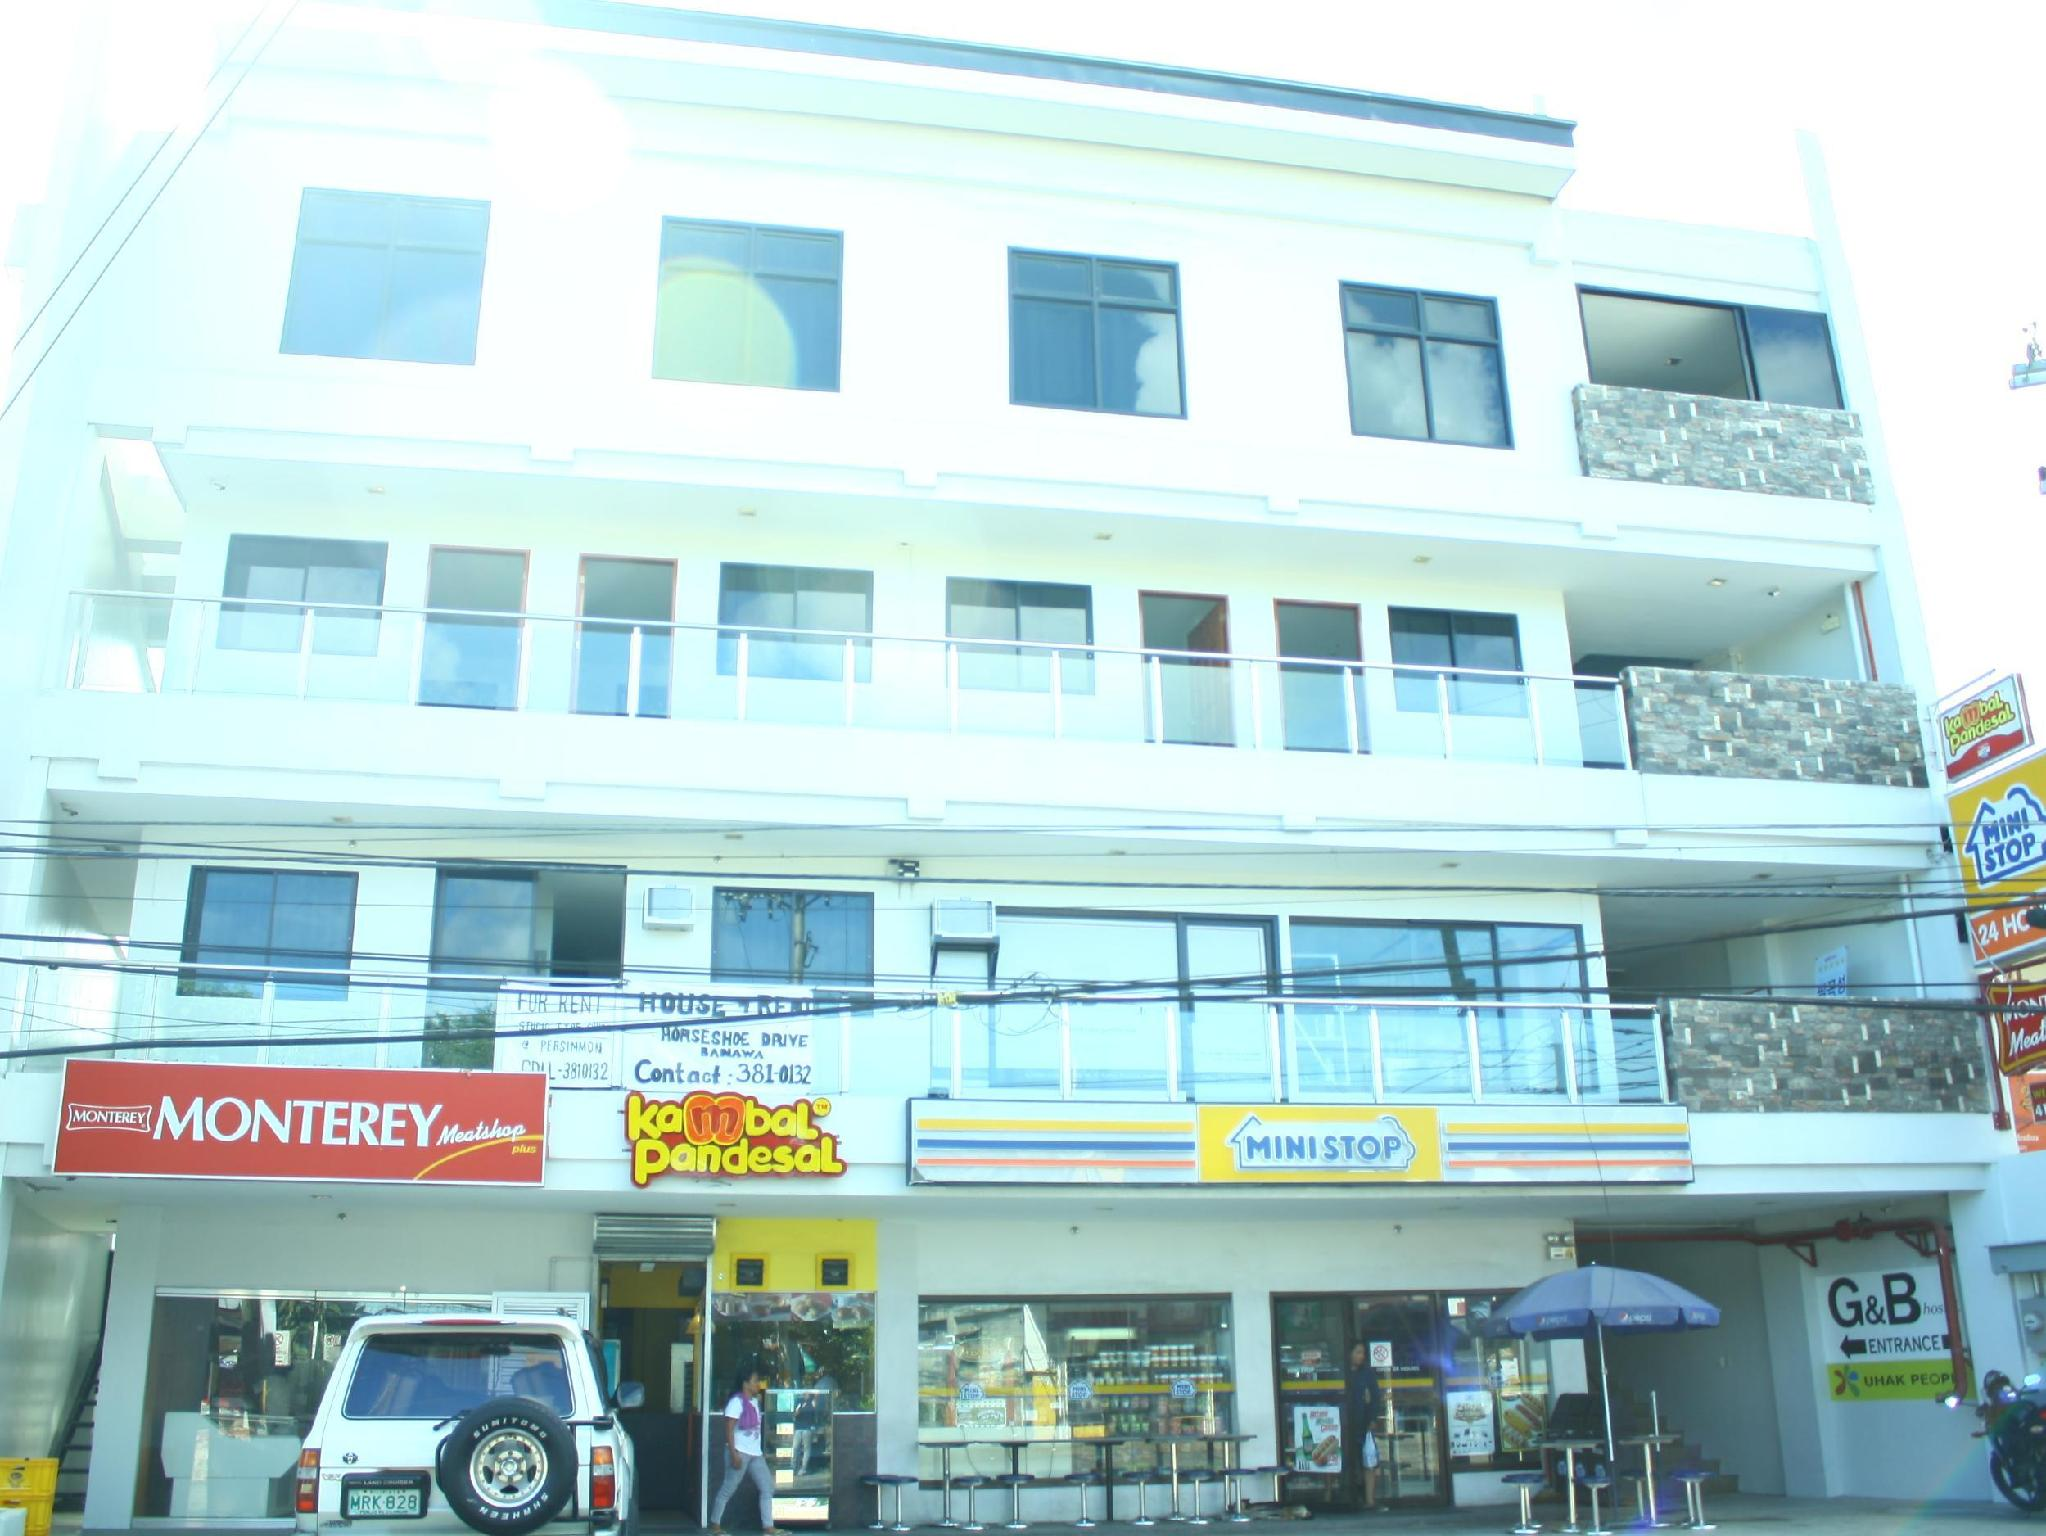 G & B Hostel - Cebu